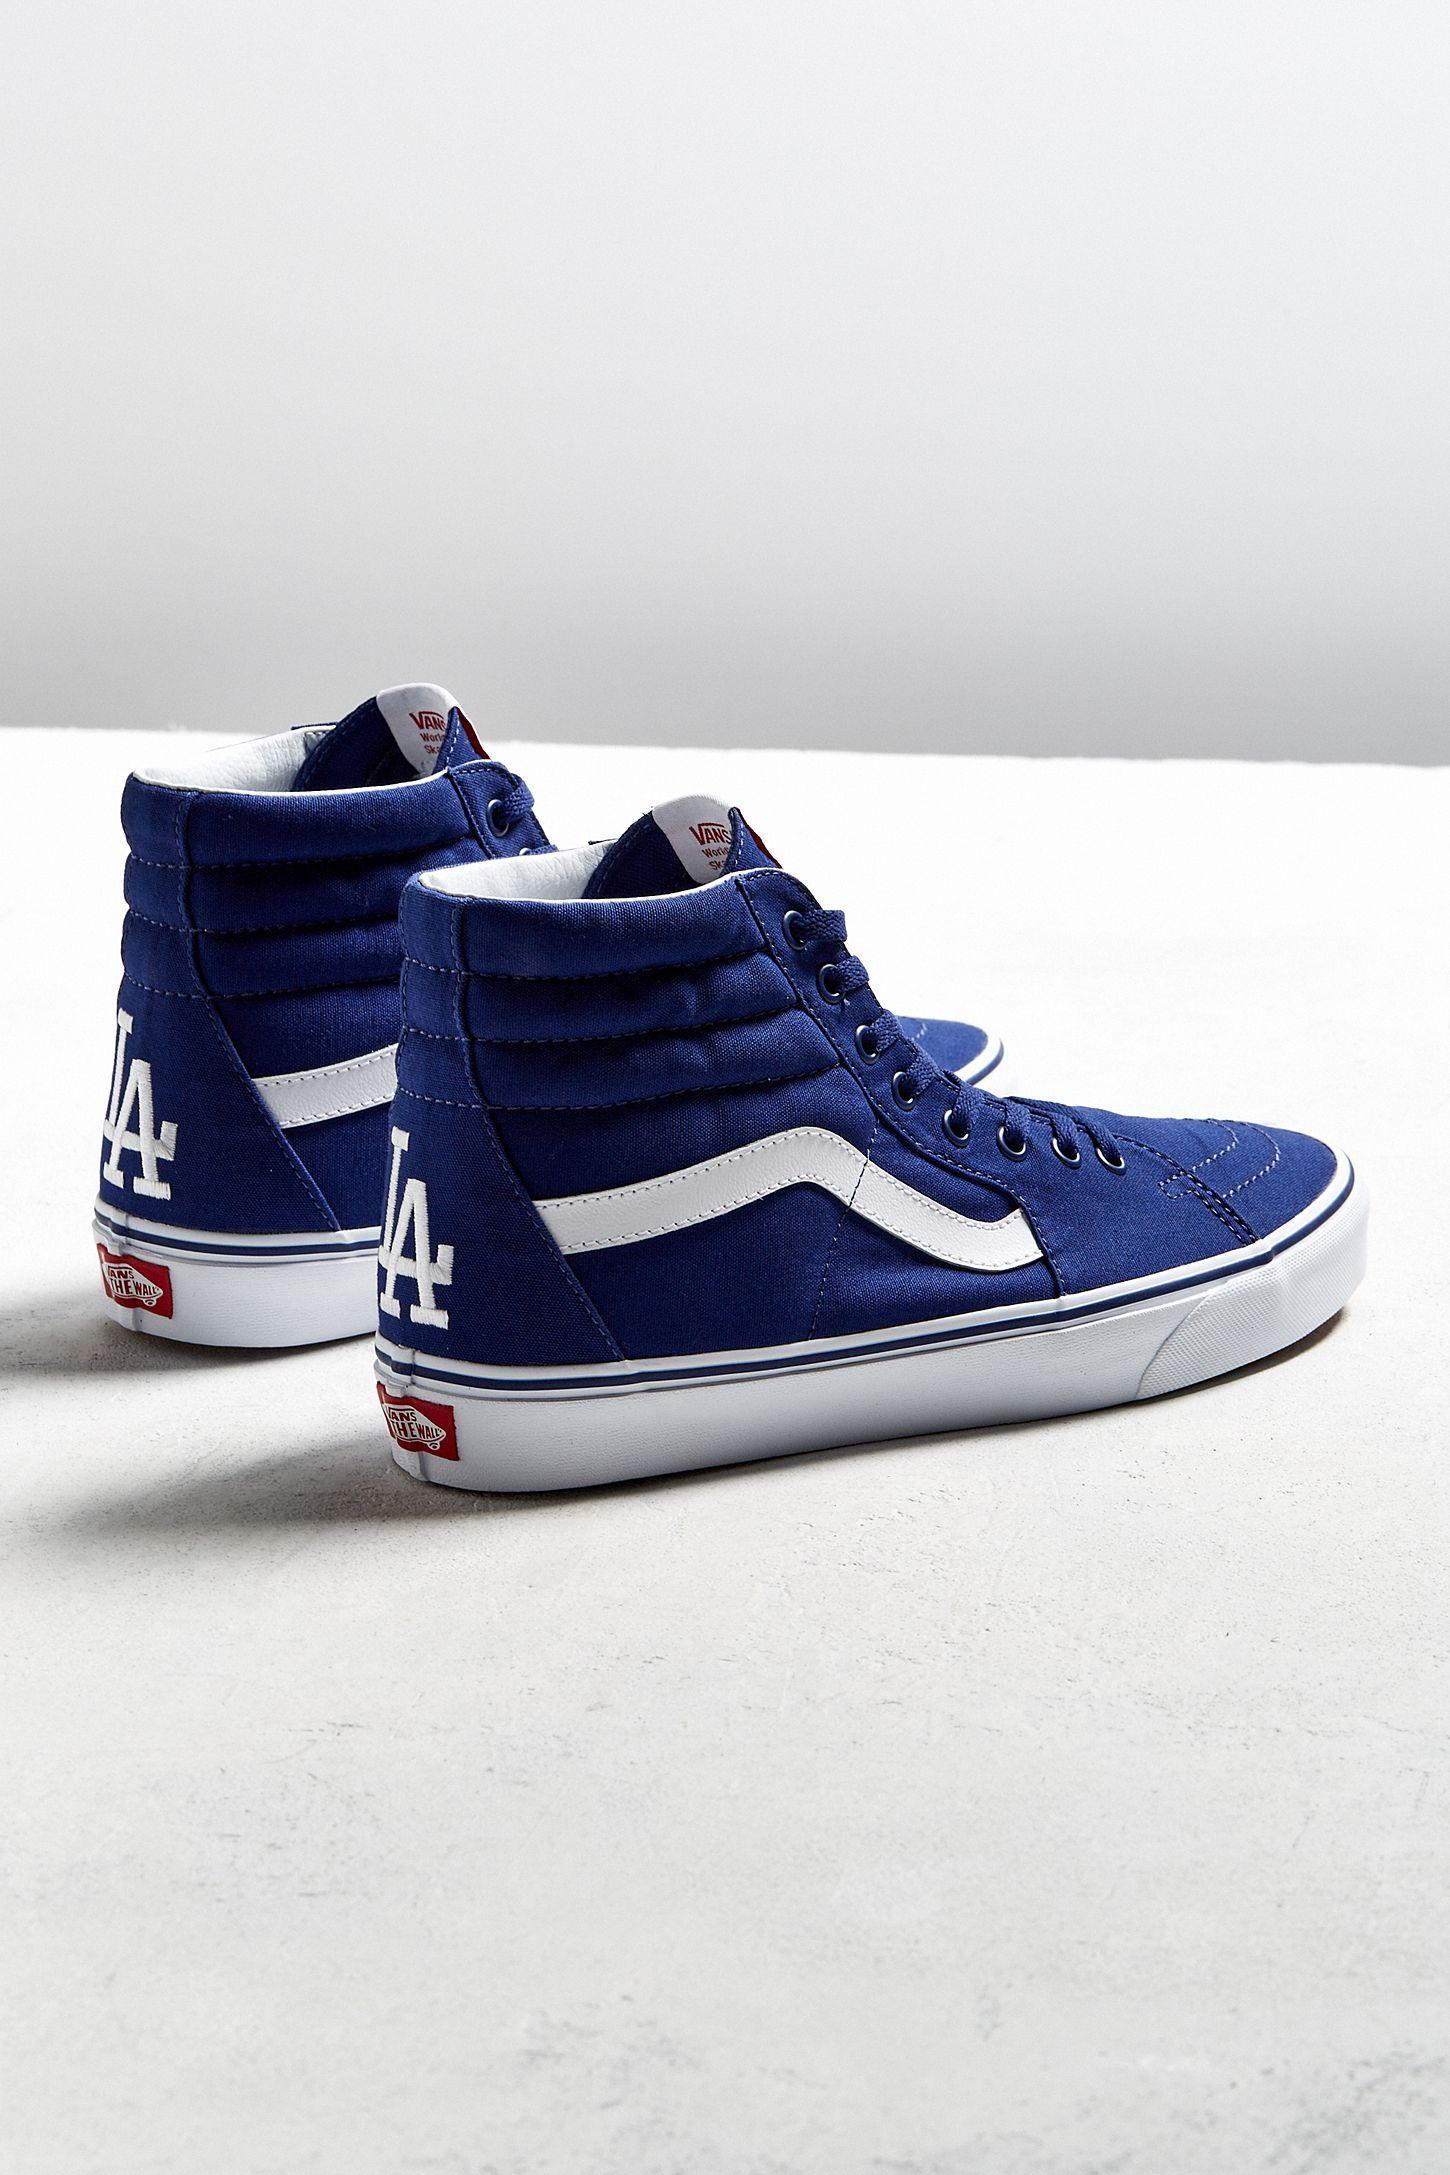 482a8105b0 Vans MLB Los Angeles Dodgers Sk8-Hi Sneaker